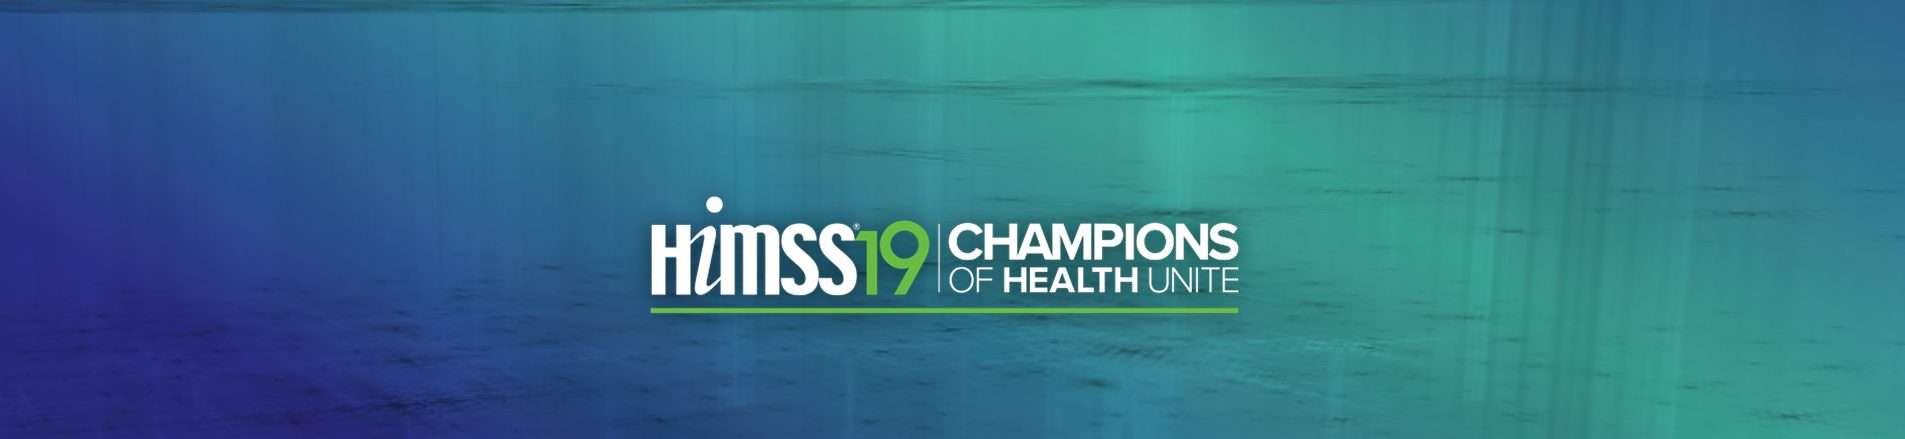 Meet us at HIMSS19!